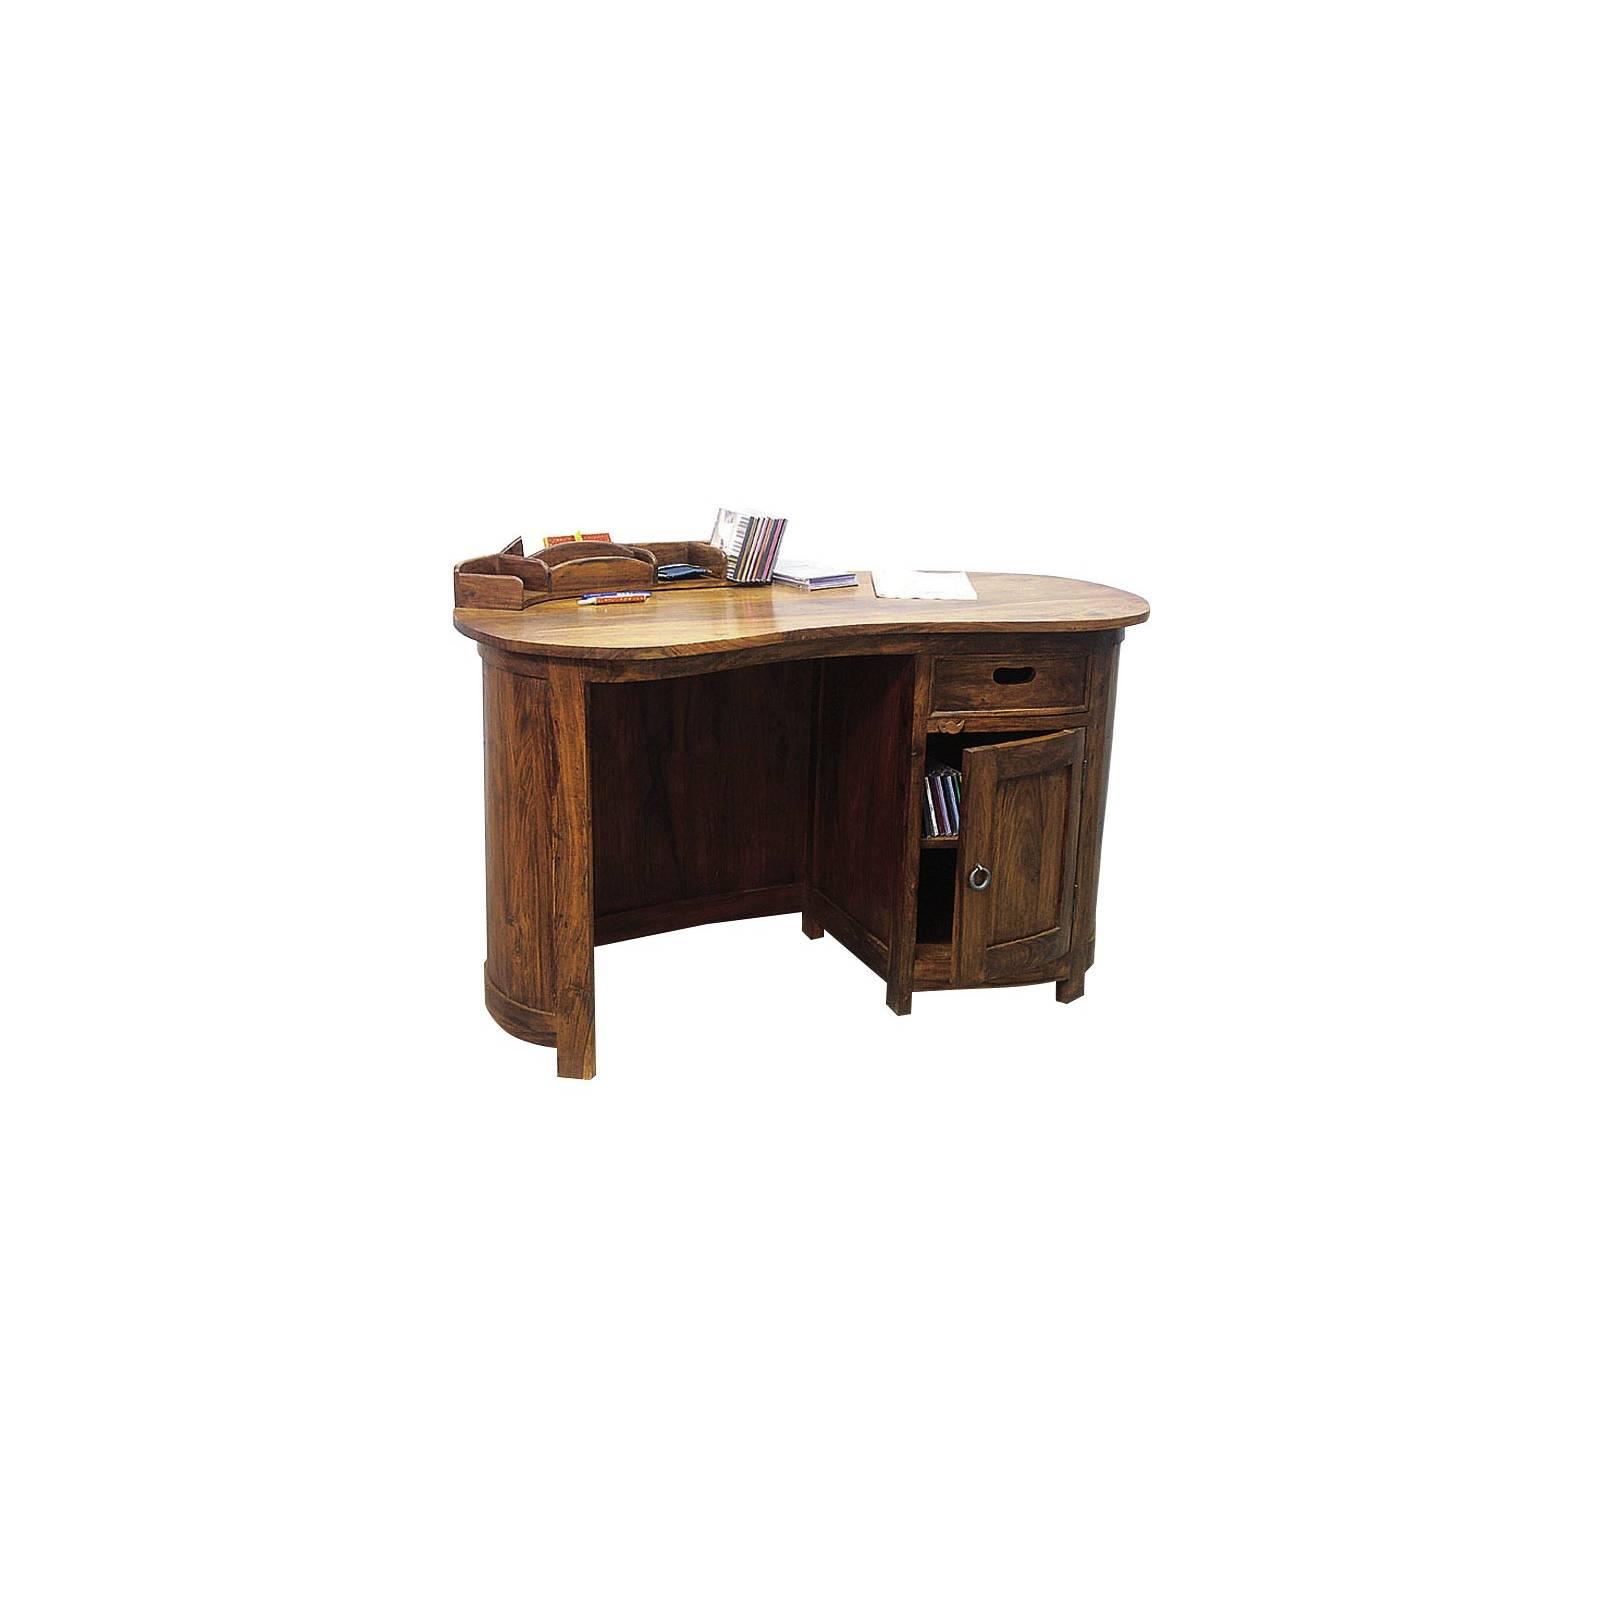 Bureau Palissandre Tradition - achat meubles palissandre